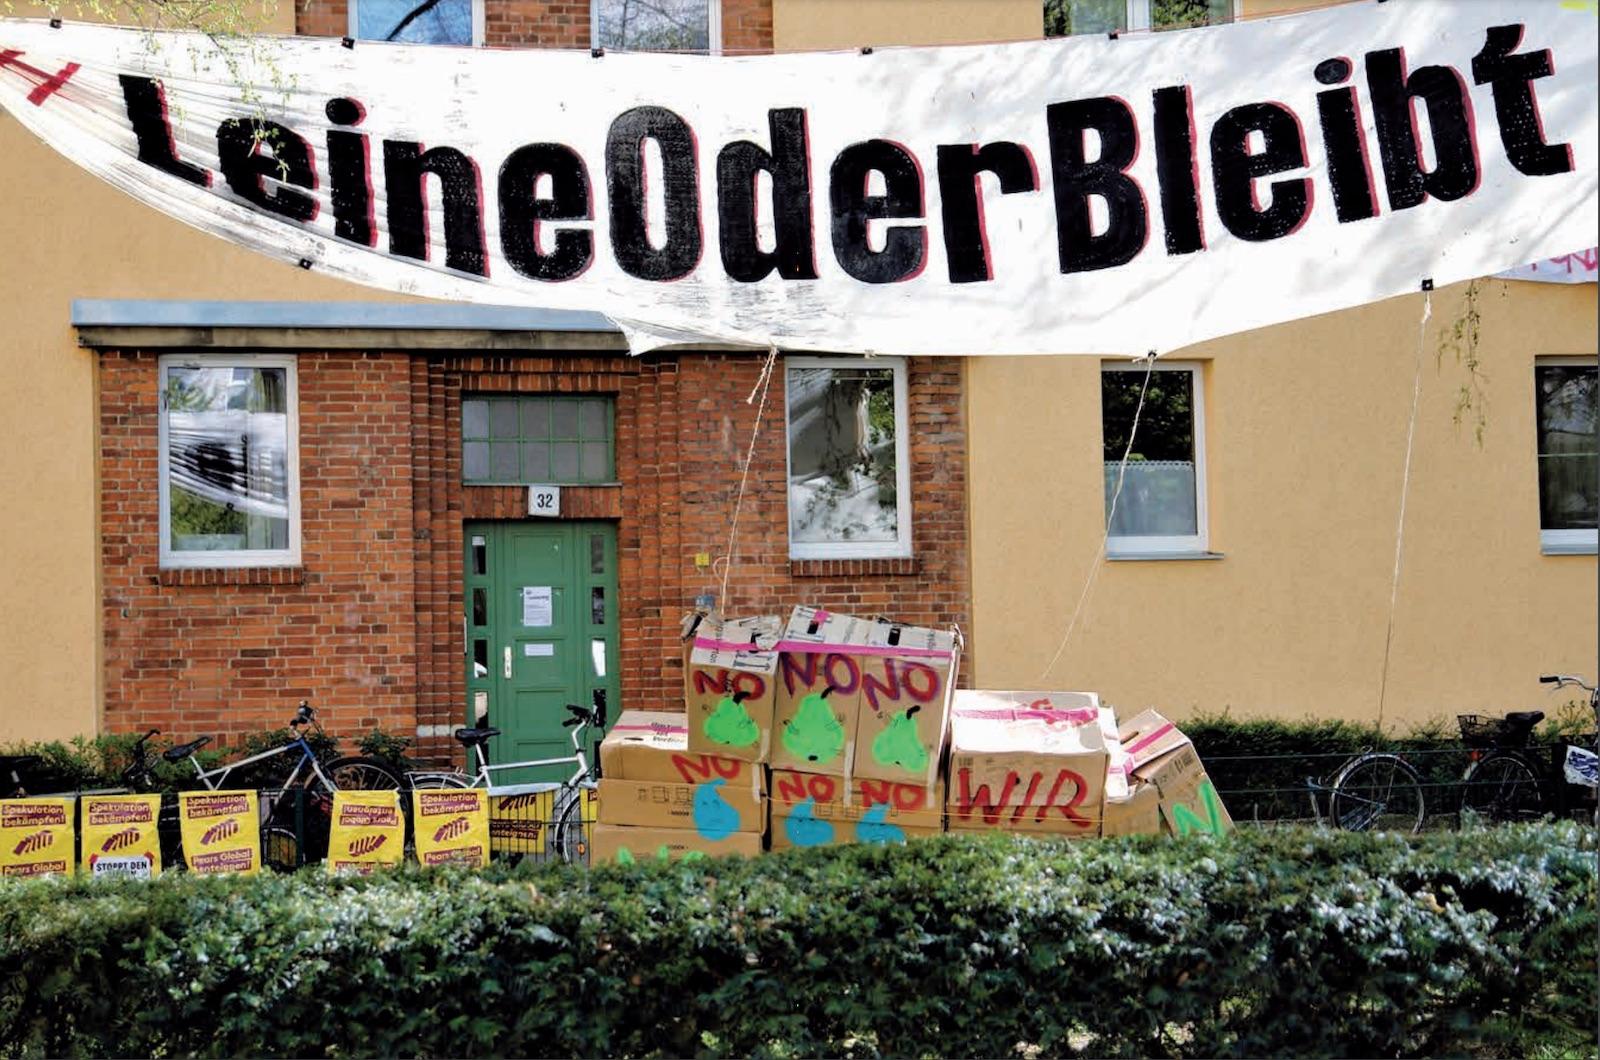 """Banner mit """"LeineOder Bleibt"""" hängt vor einem Haus, vor dem Haus stehen gestapelte Pappkartons mit der Aufschrift """"No"""""""